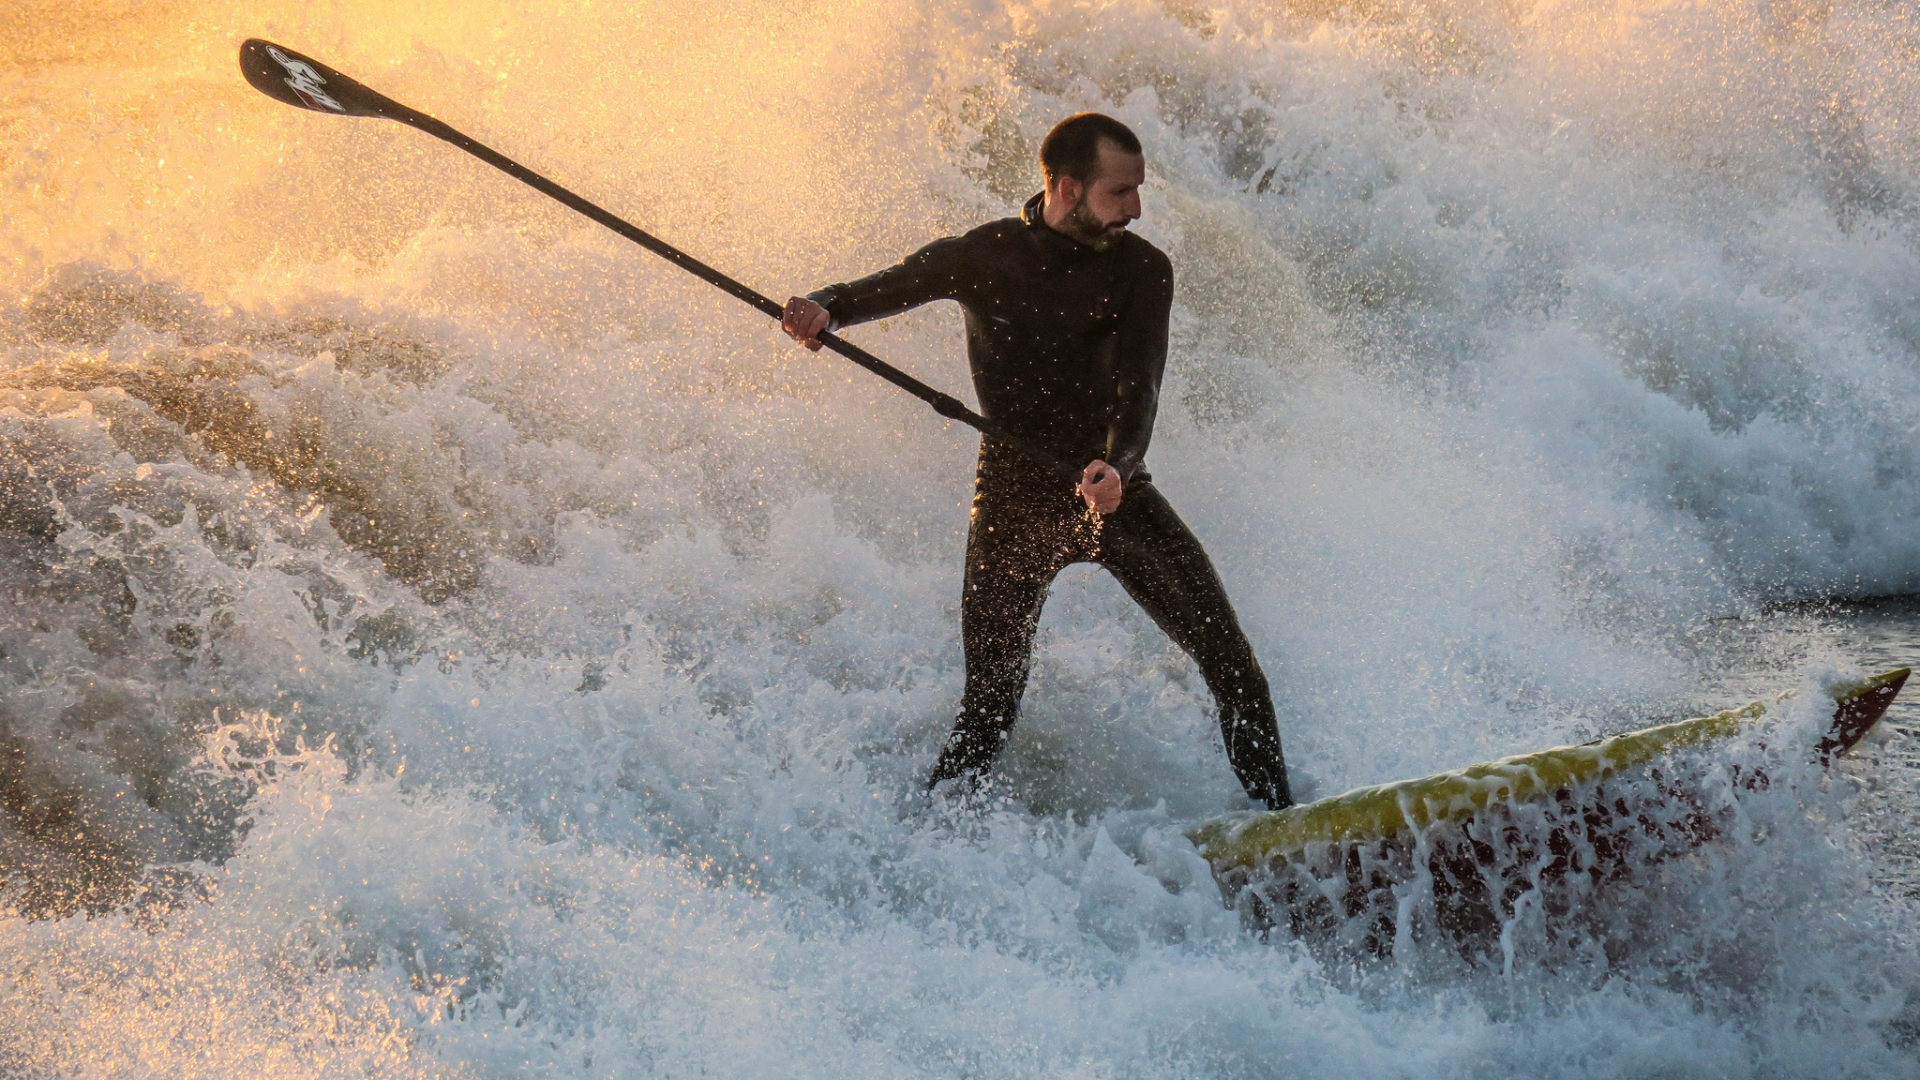 En las olas - 1920x1080